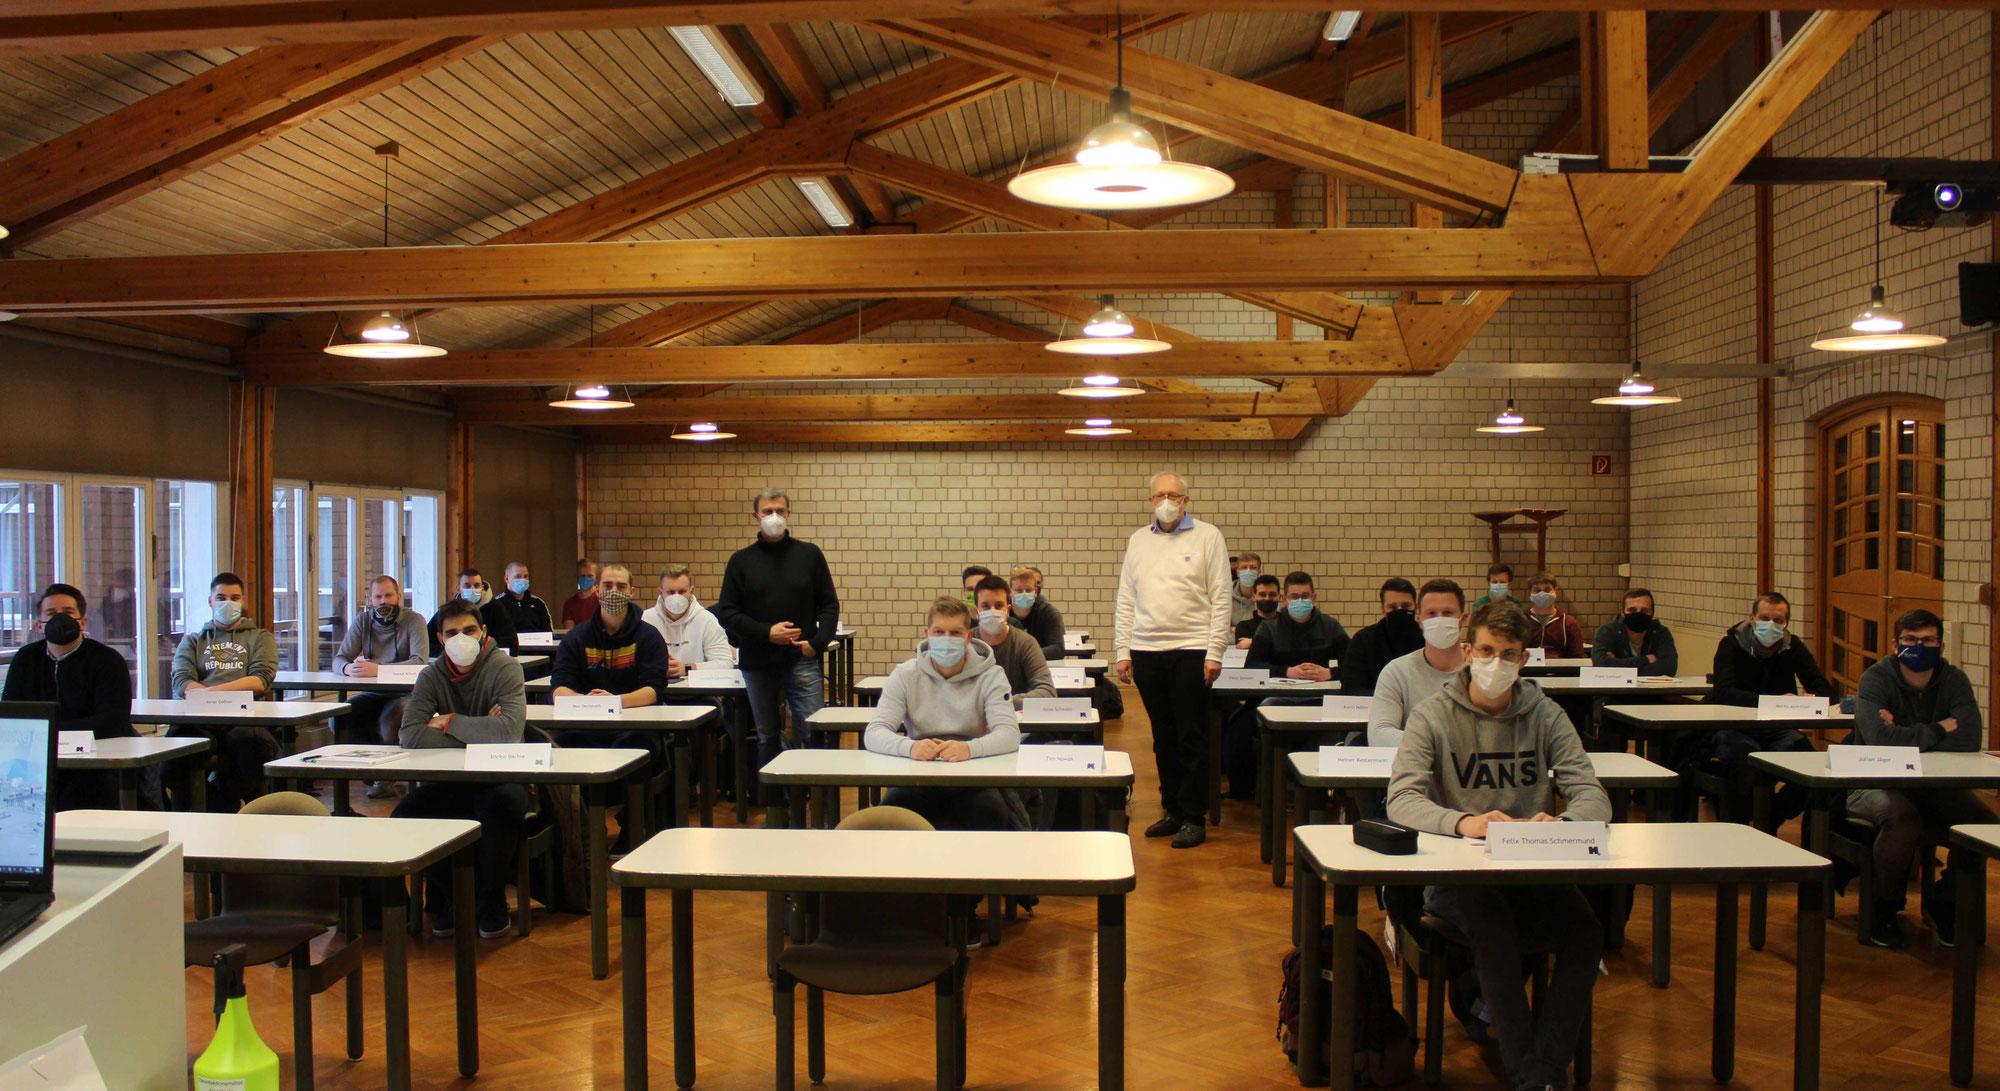 Neuer Meisterlehrgang mit 31 Teilnehmern an der Holzfachschule gestartet